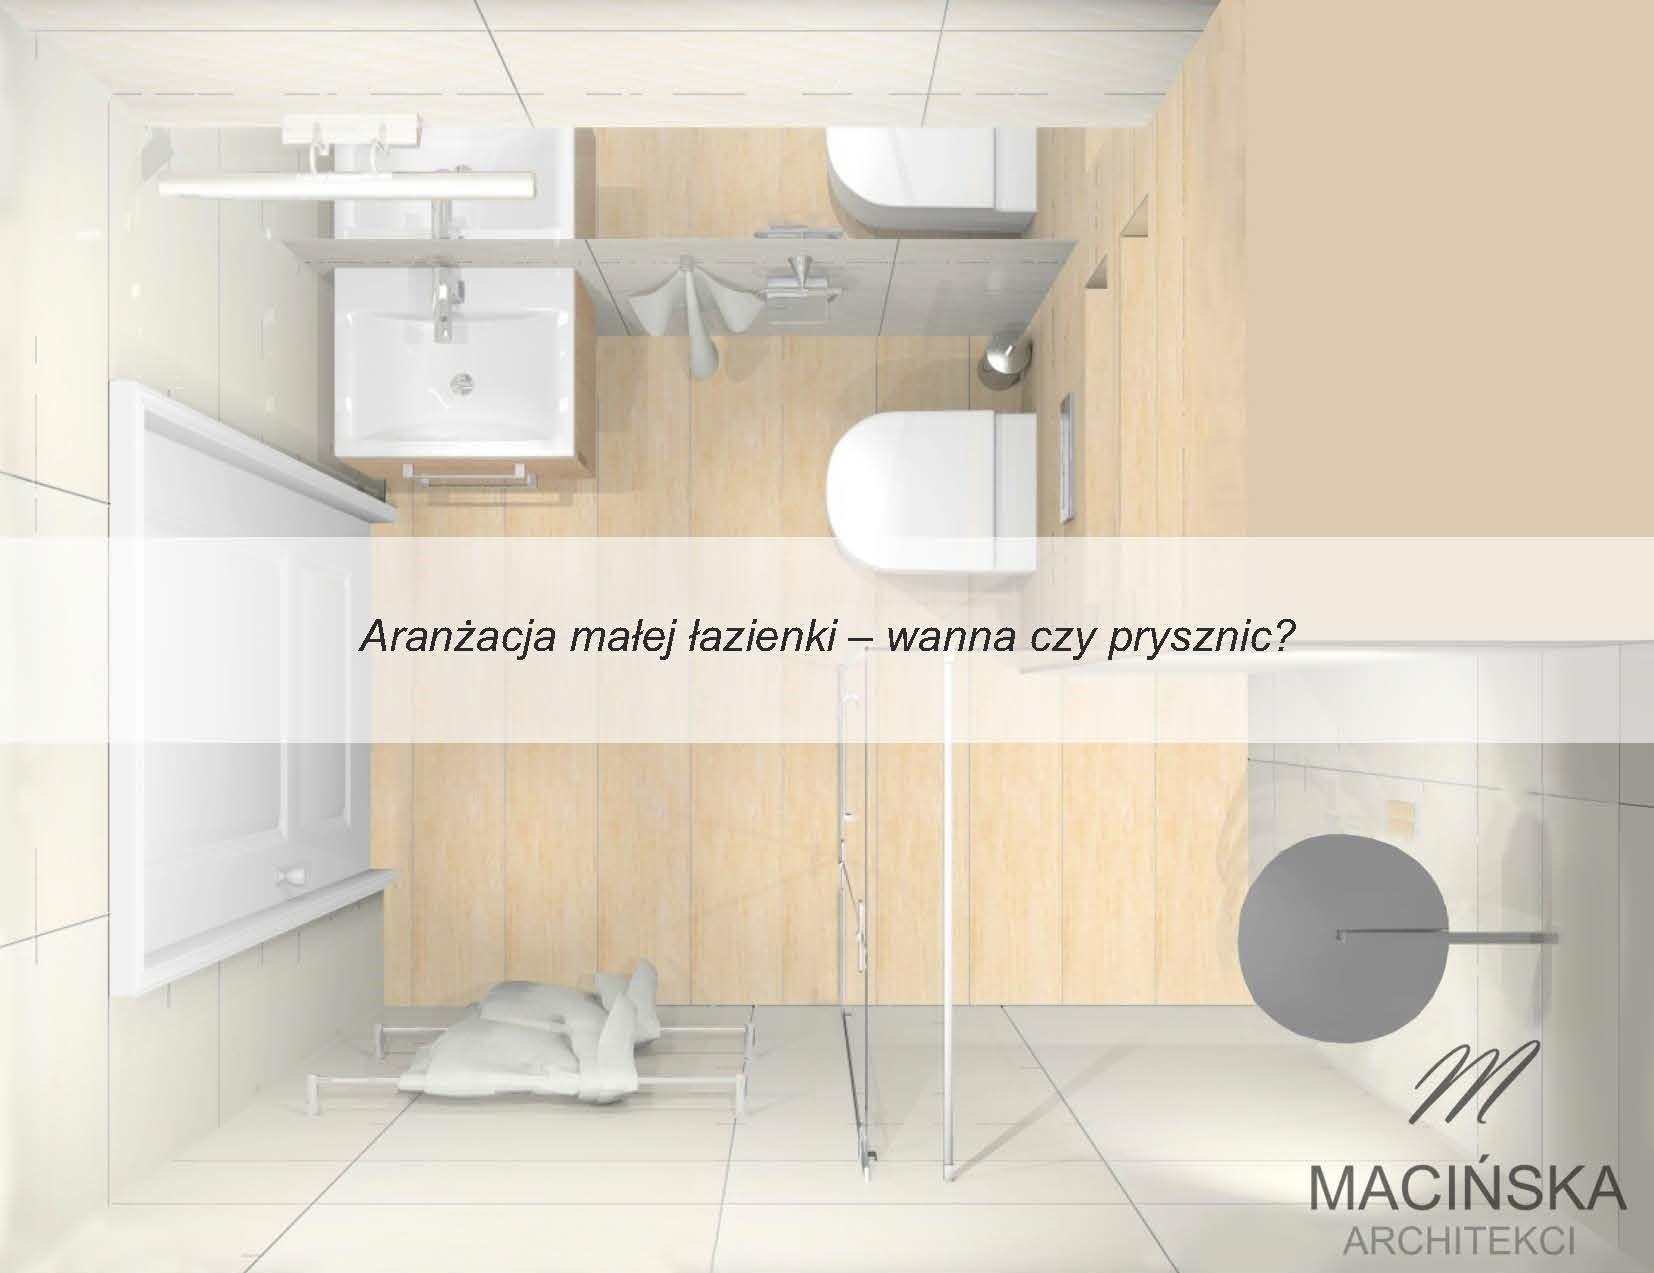 Aranzacja Malej Lazienki Wanna Czy Prysznic 1 Macinska Architekci